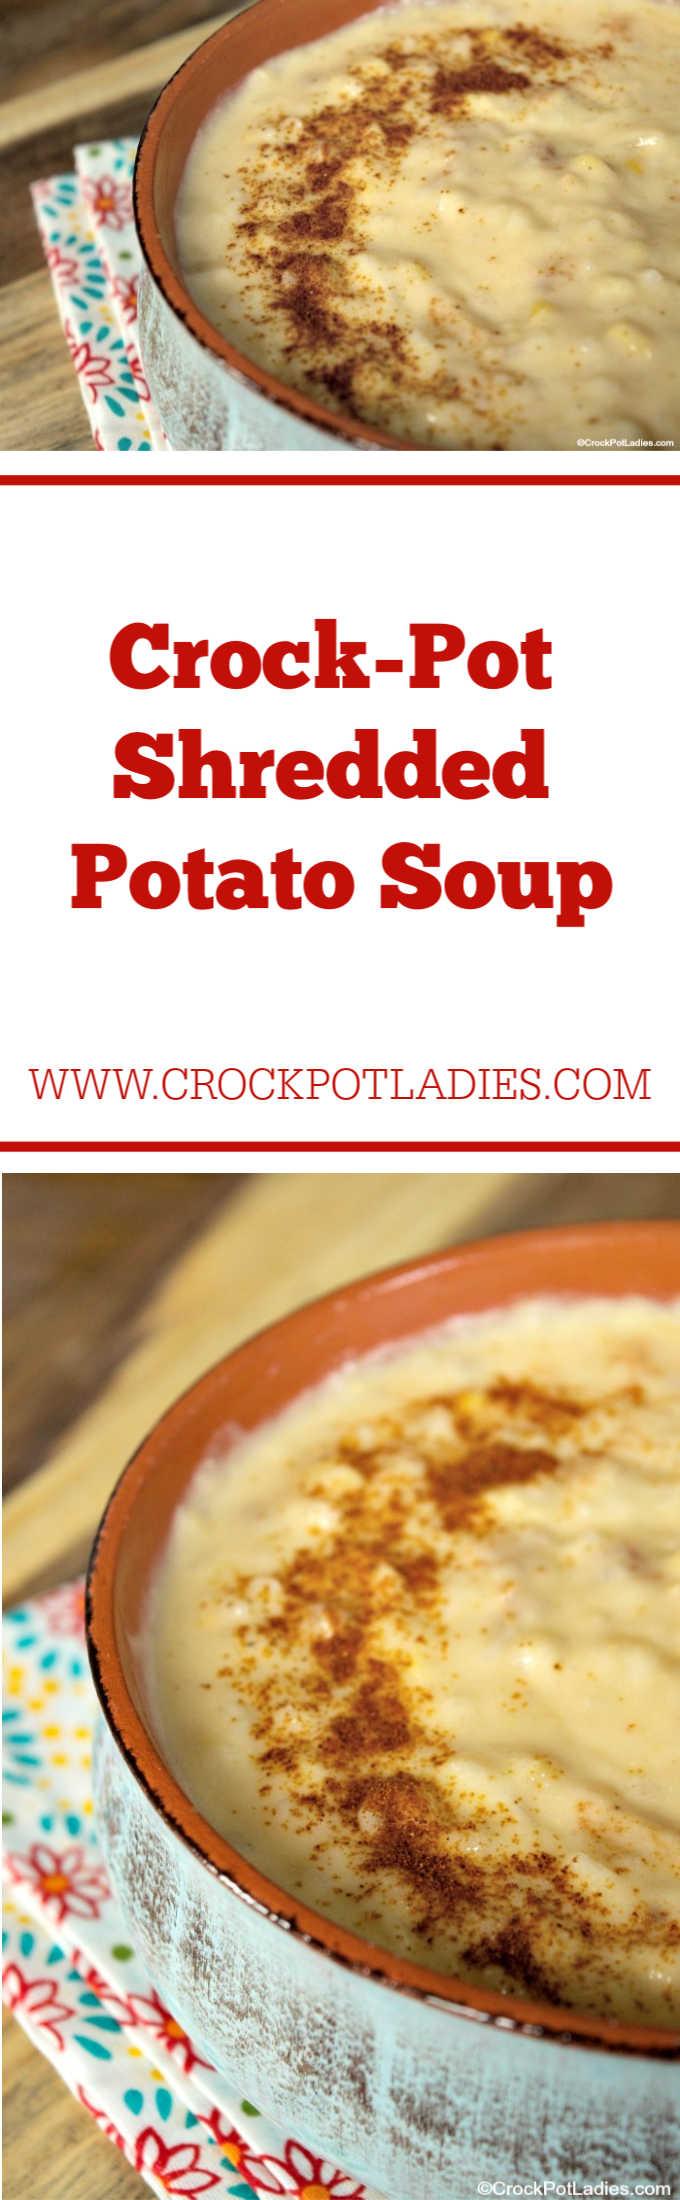 Crock-Pot Shredded Potato Soup